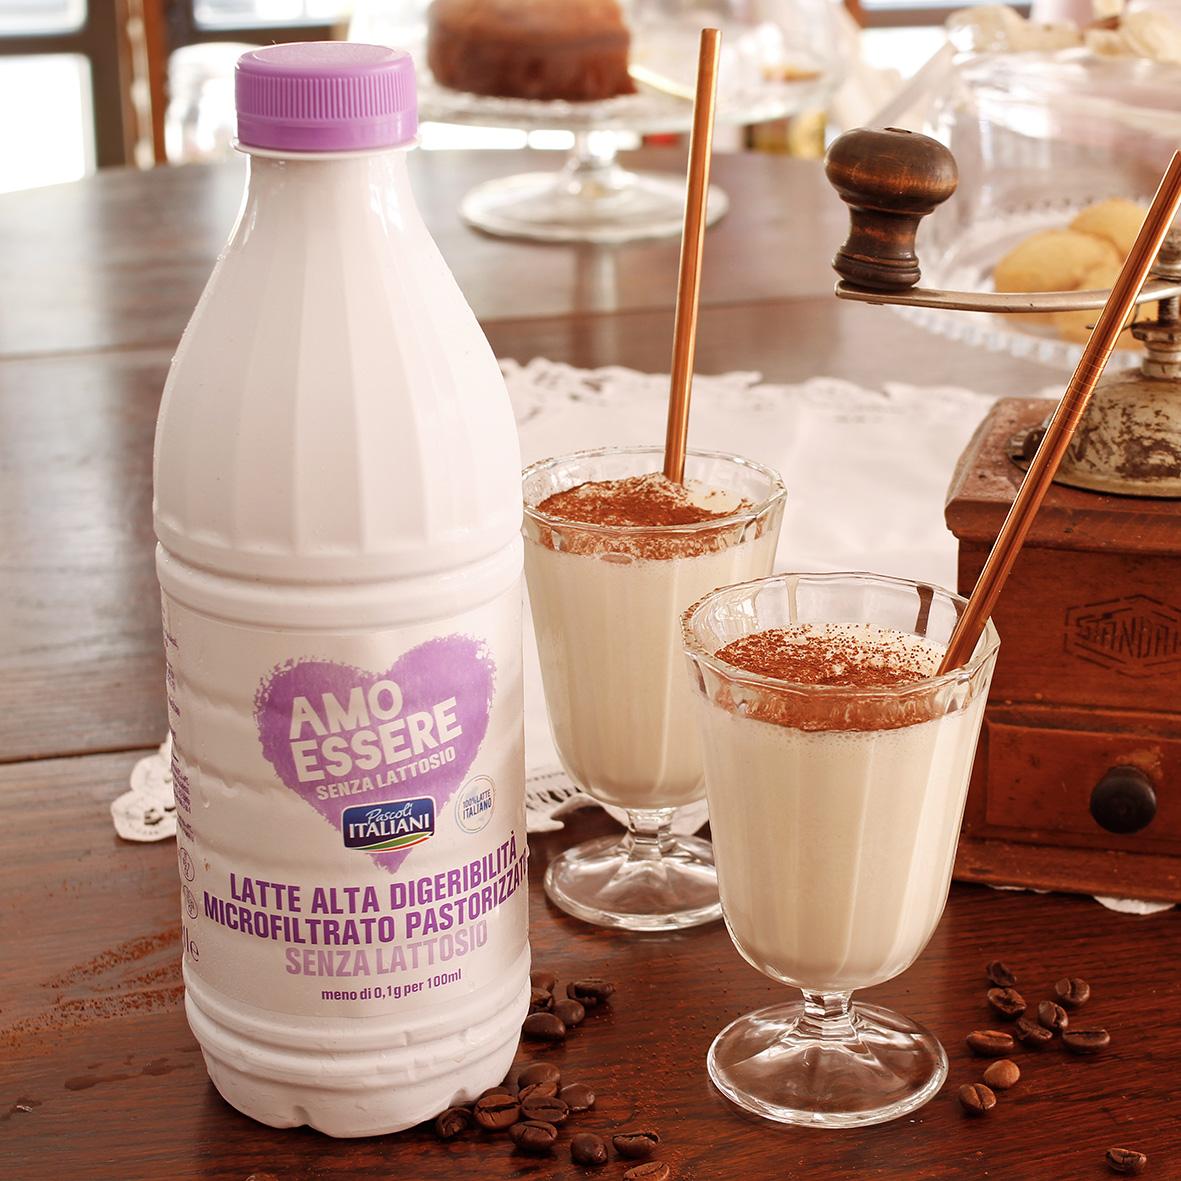 Frappè al cappuccino con latte Amo Essere Senza Lattosio